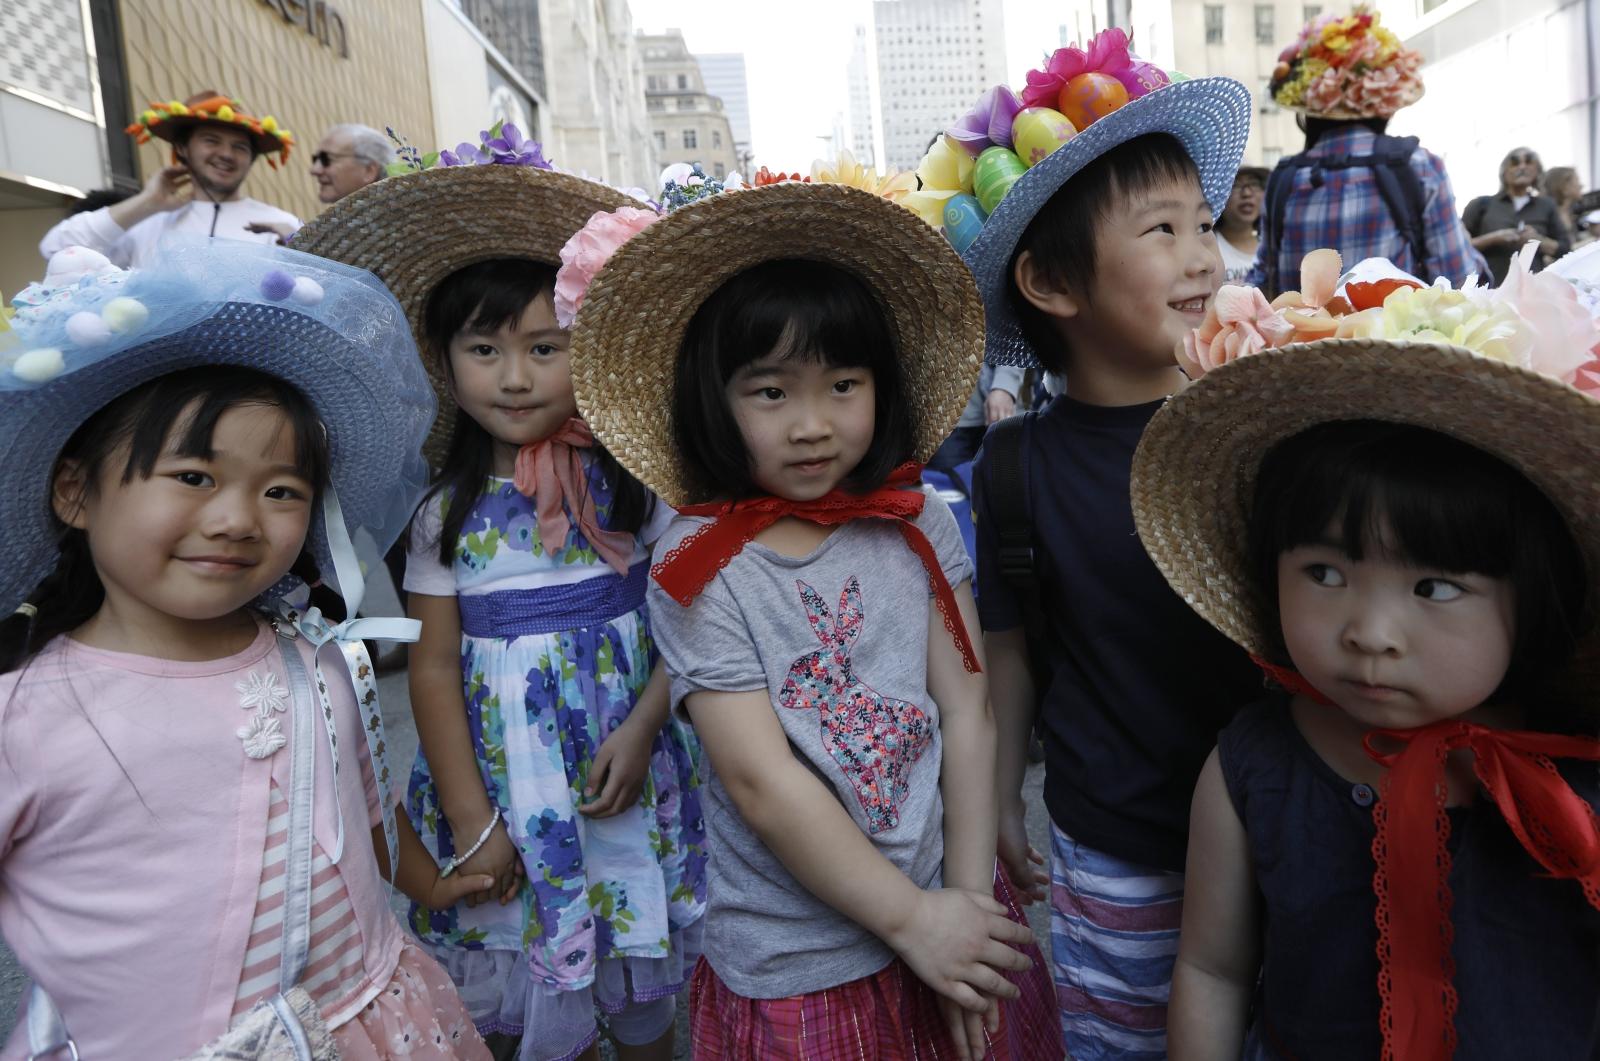 Dzieci w czasie wielkanocnej parady w Nowym Jorku.